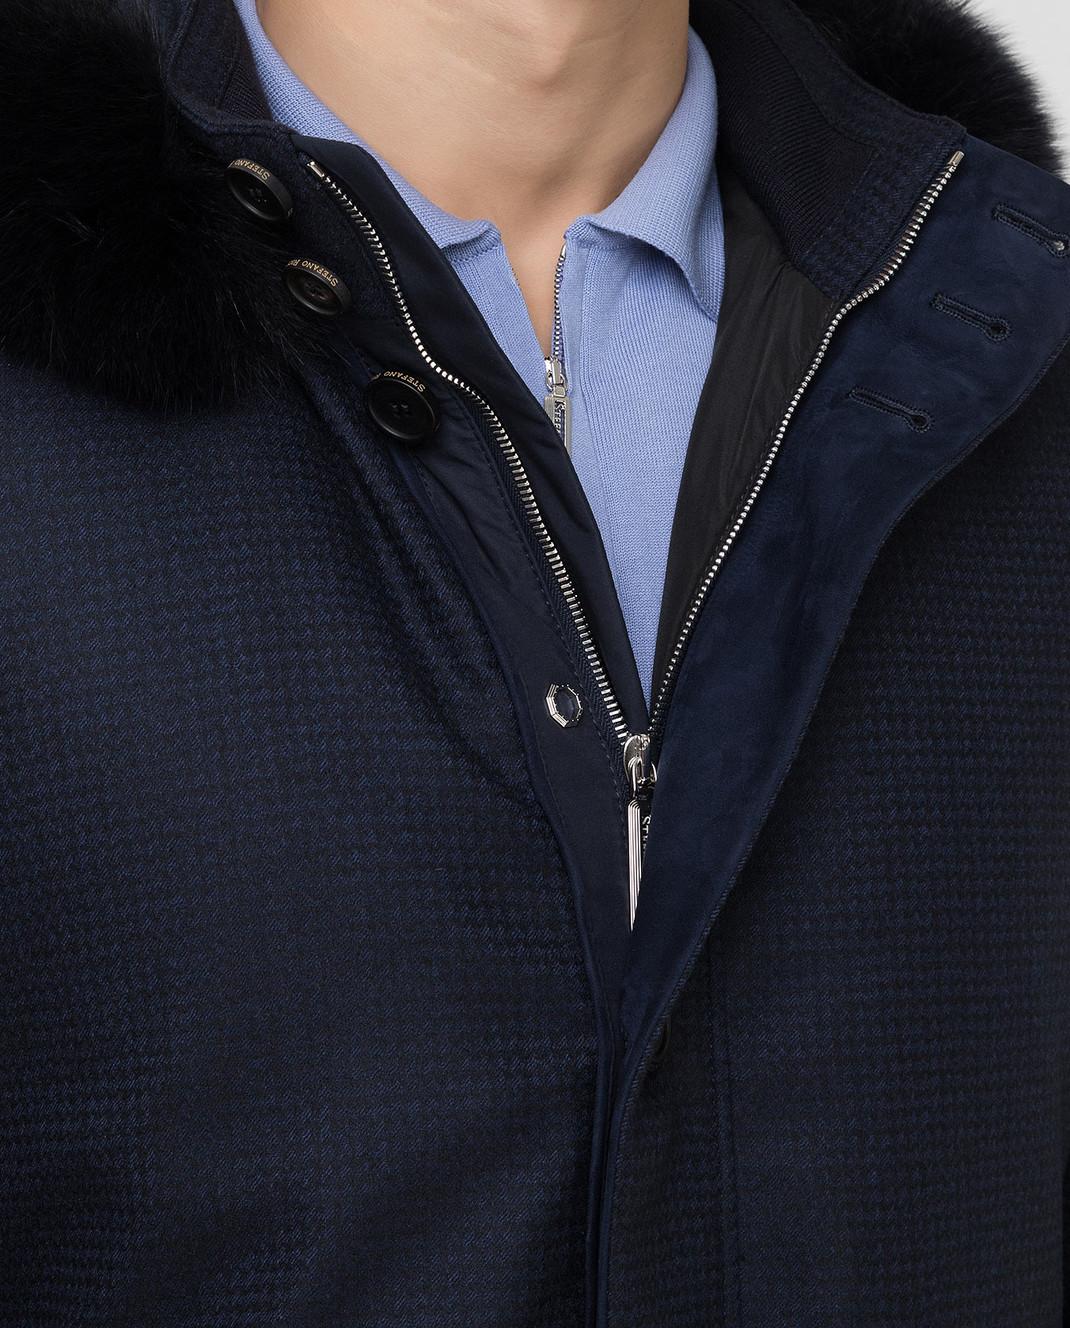 Stefano Ricci Темно-синяя парка из шерсти и кашемира с мехом лисы изображение 5